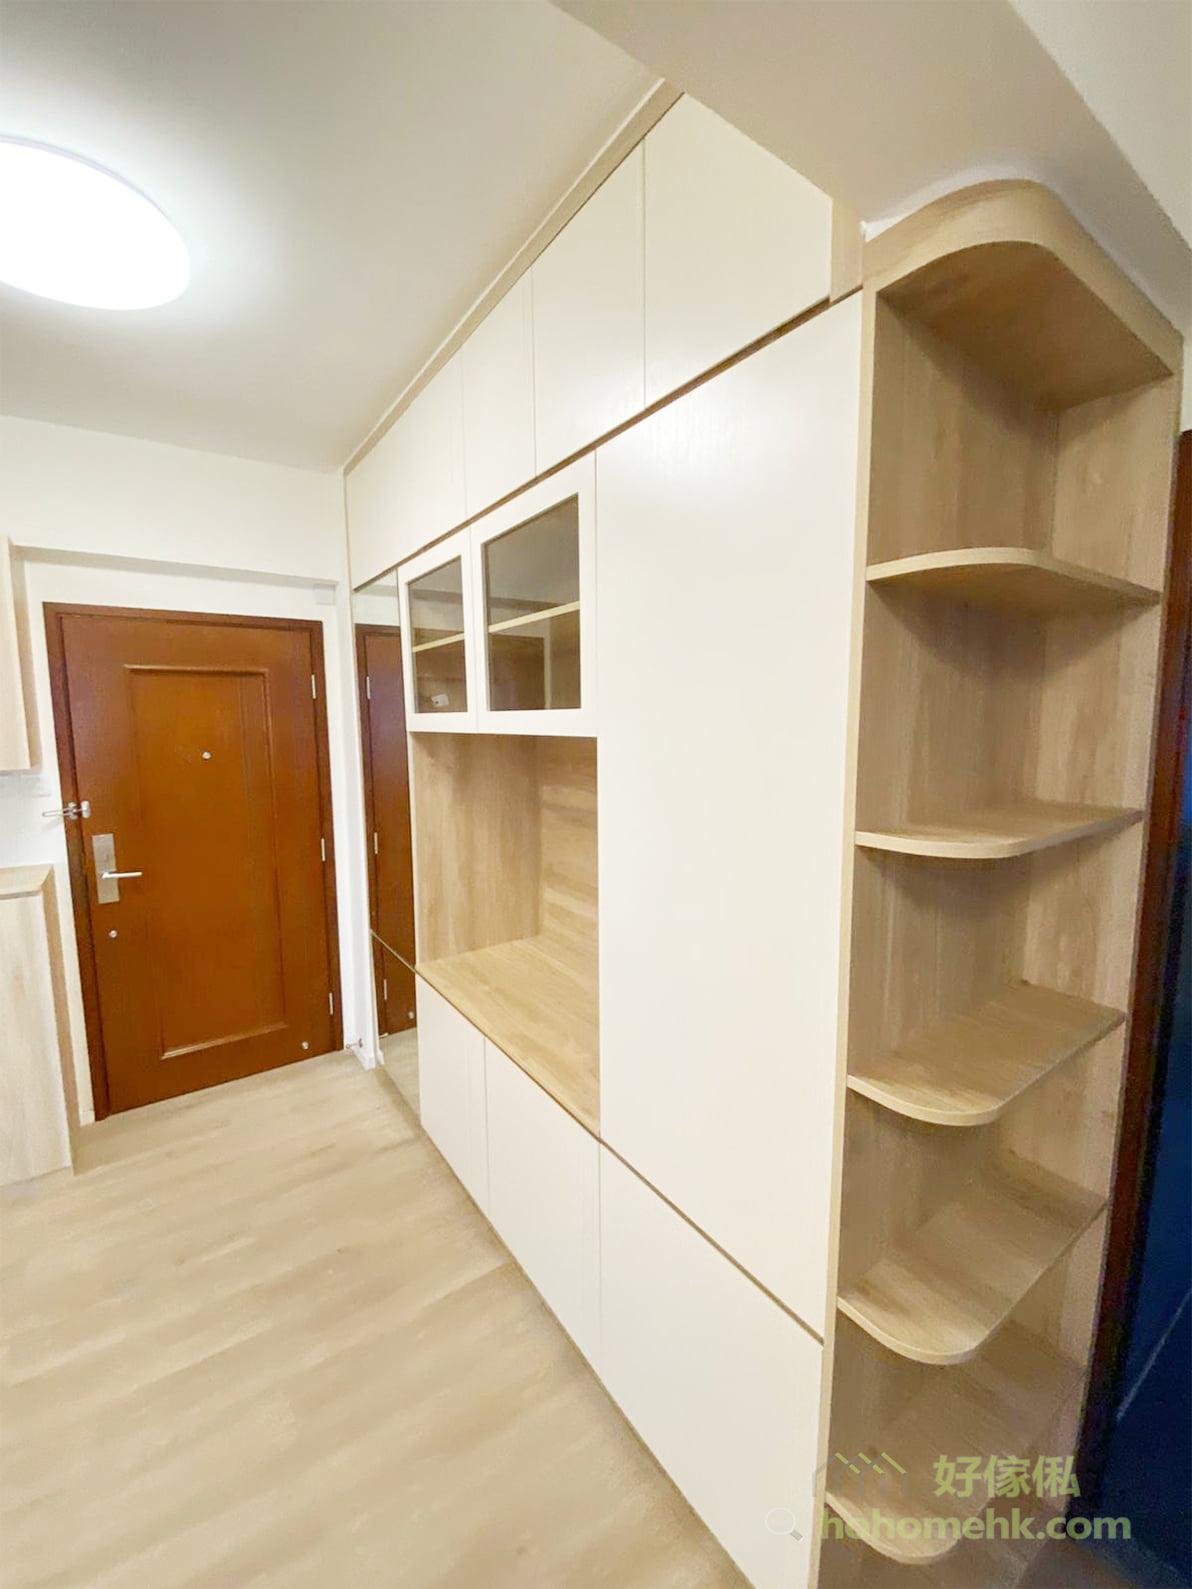 轉角邊櫃有六層層架,可以擺放不少裝飾品和日用品,展示空間不再限於電視櫃的正面方向,連側邊都可以兼顧